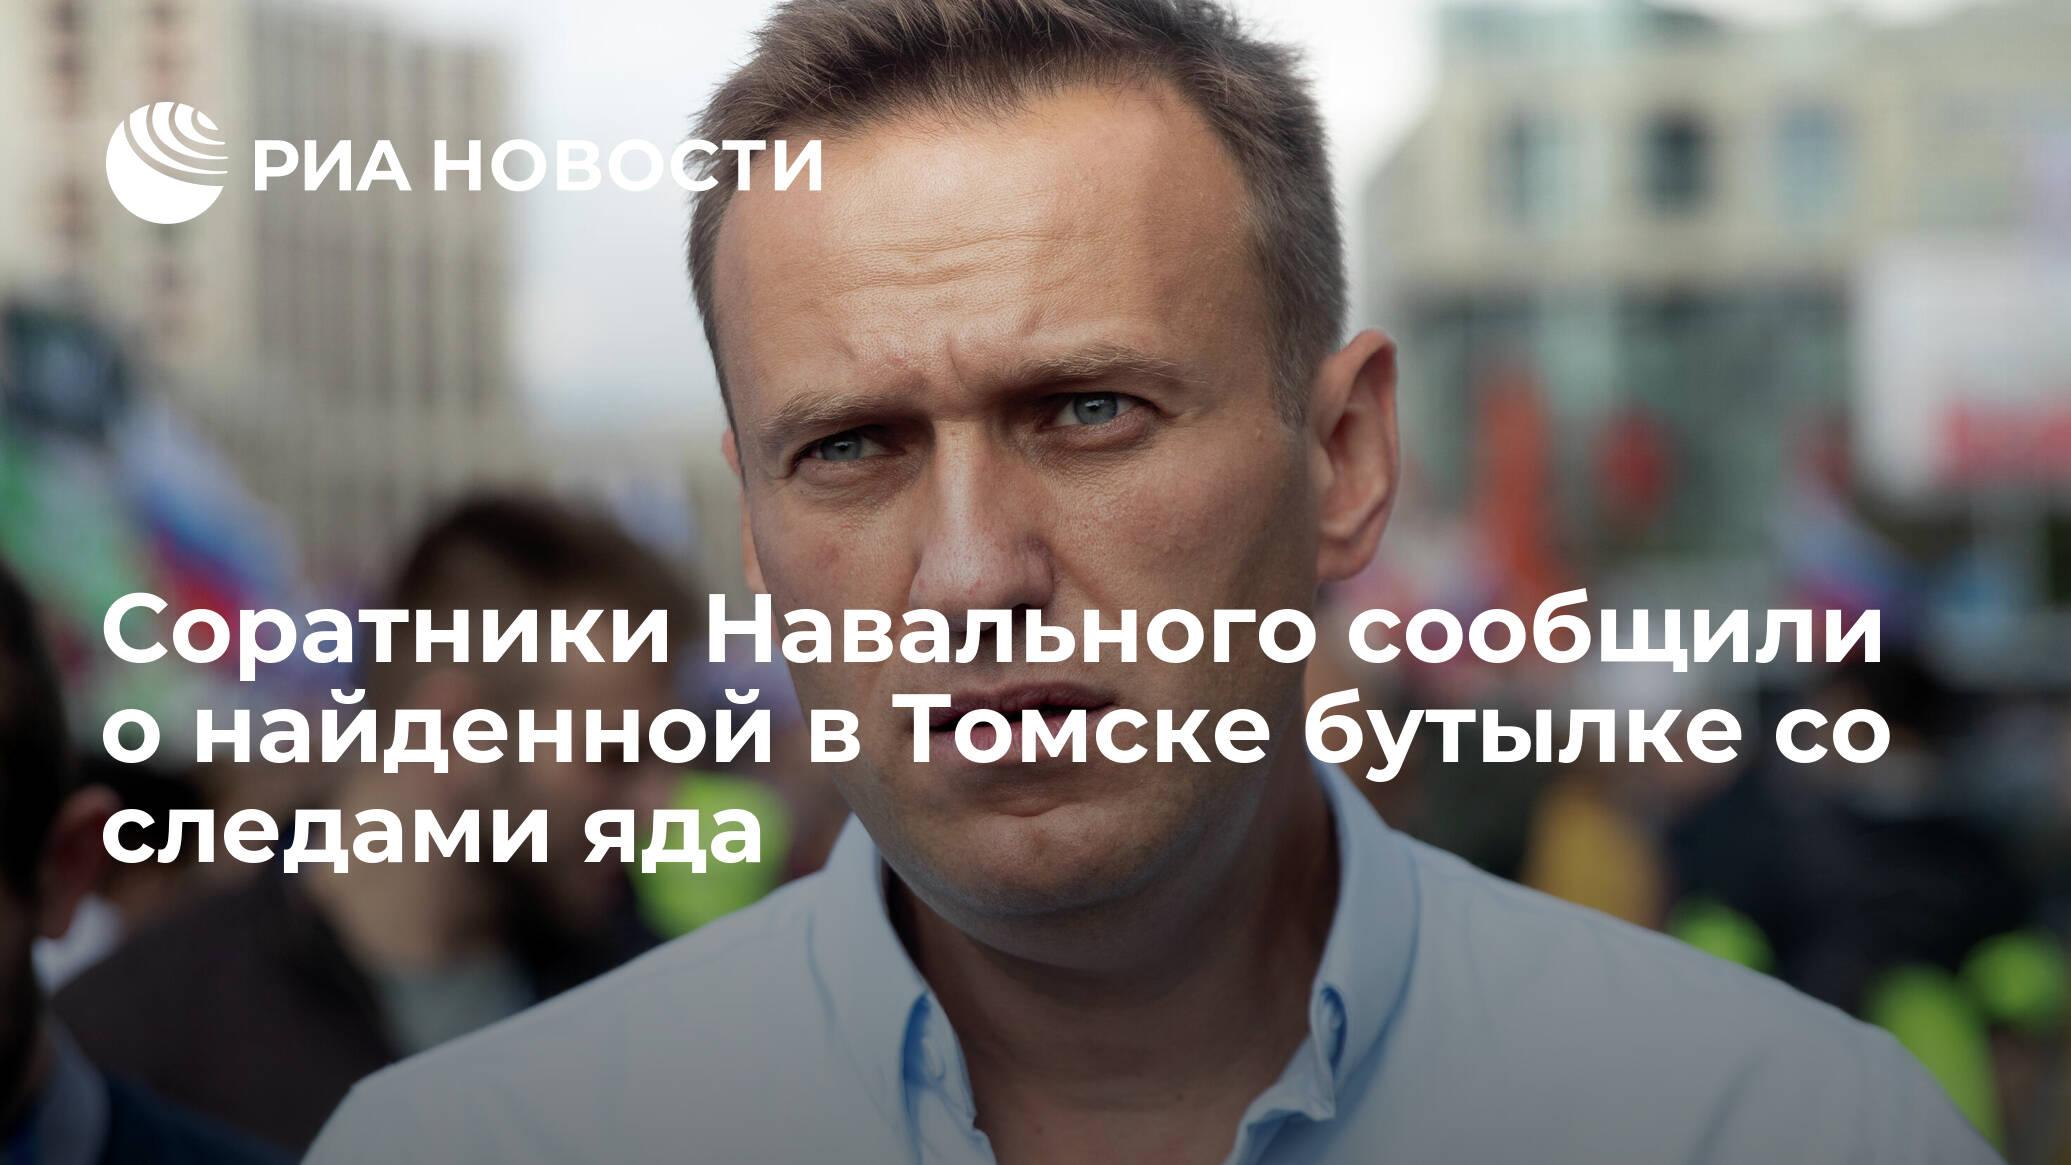 Соратники Навального сообщили о найденной в Томске бутылке со следами яда